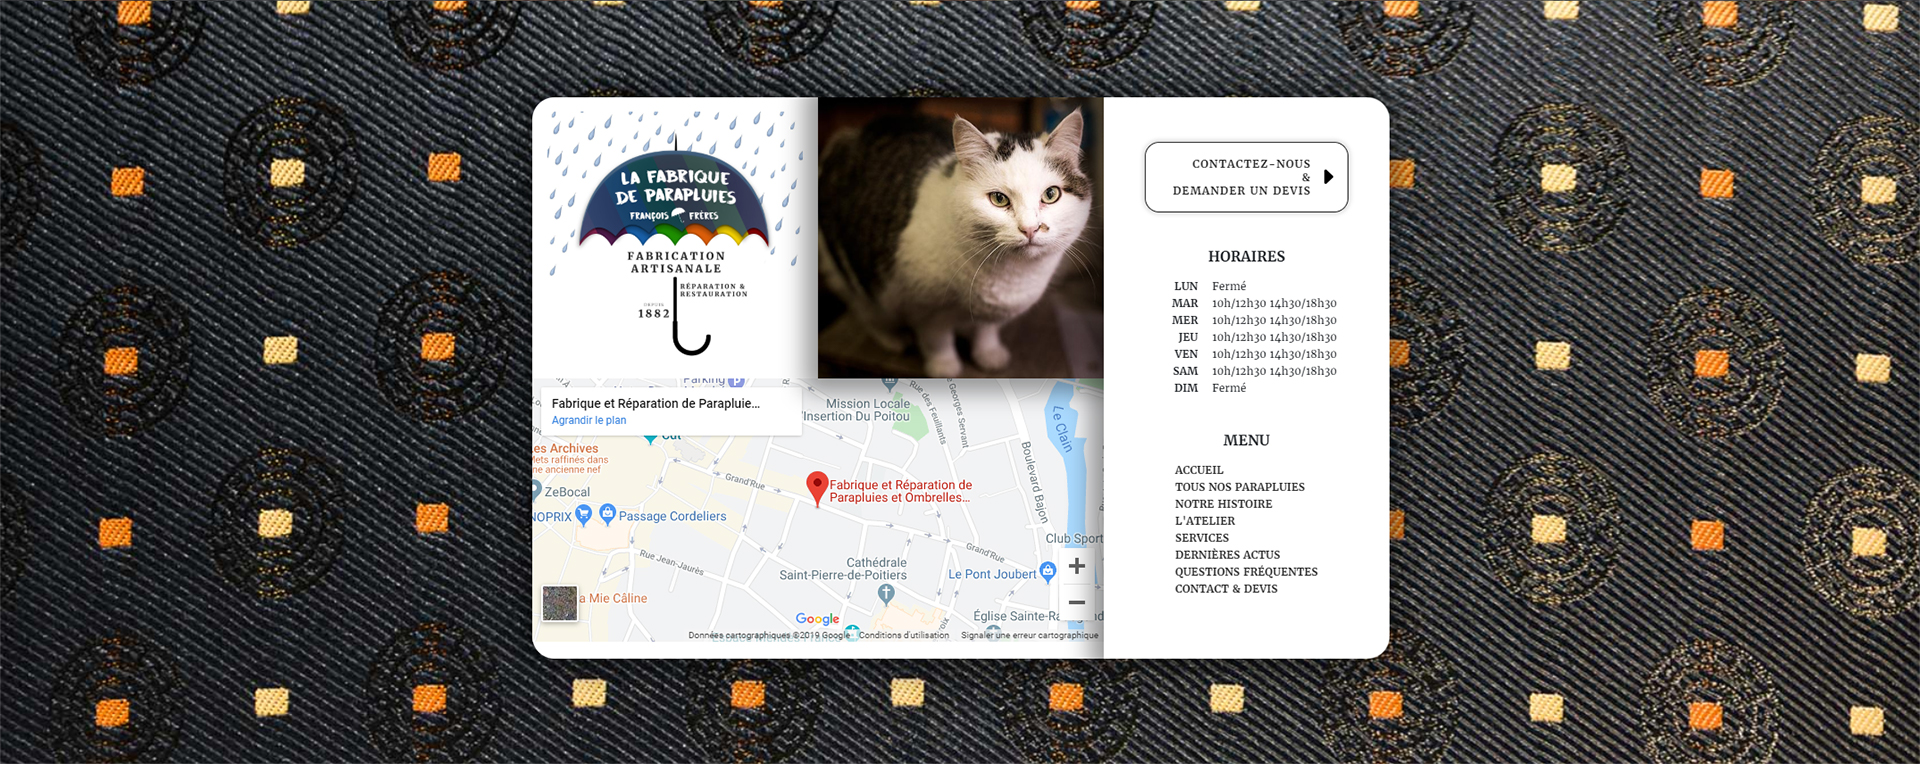 creation-de-site-internet-responsive-pour-la-fabrique-de-parapluie-par-infographiste-poitiers-2